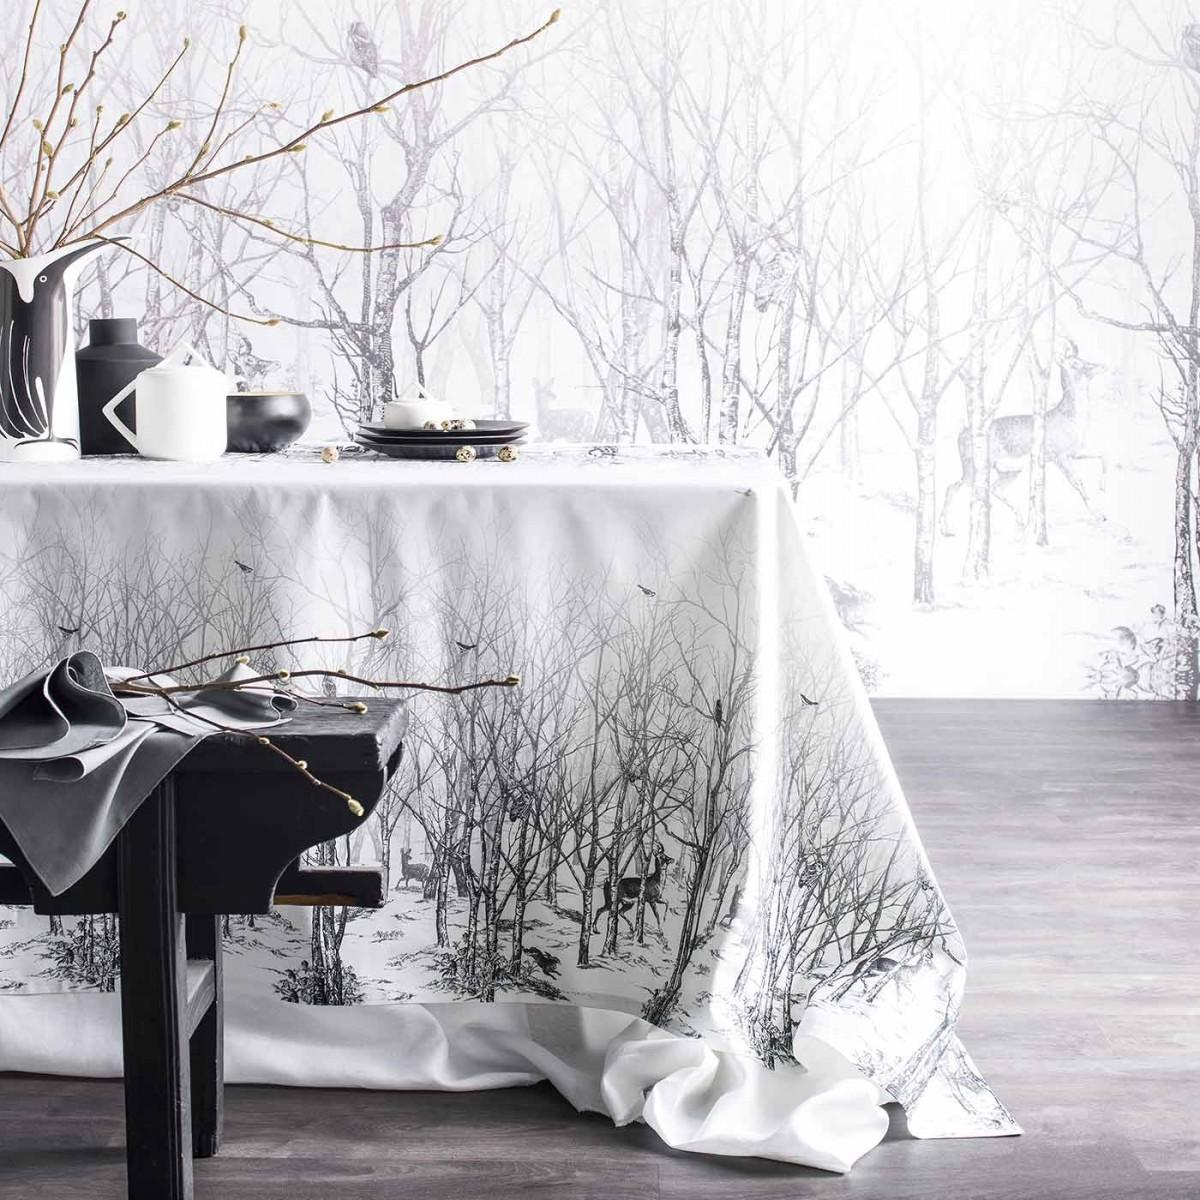 deco table quotidien noir et blanc